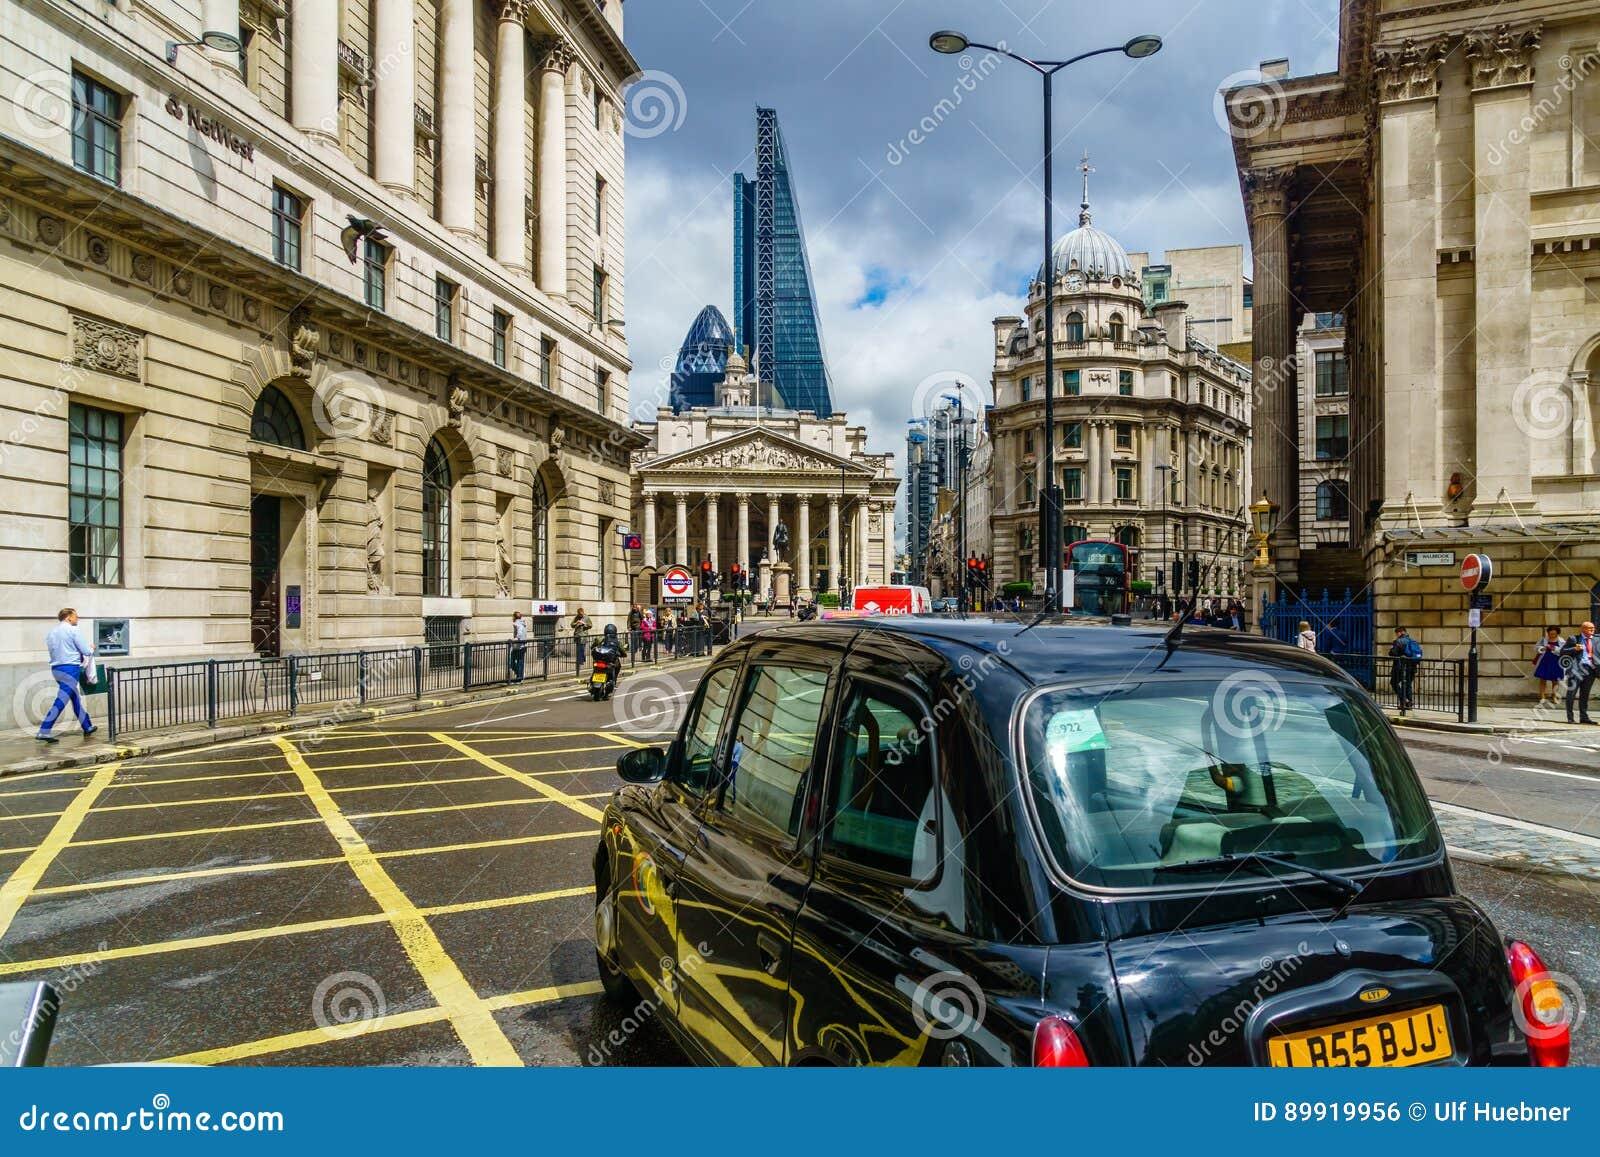 Londres, Royaume-Uni - 20 juin 2016 : Vue sur la cabine noire de Londres par la station de banque à Londres